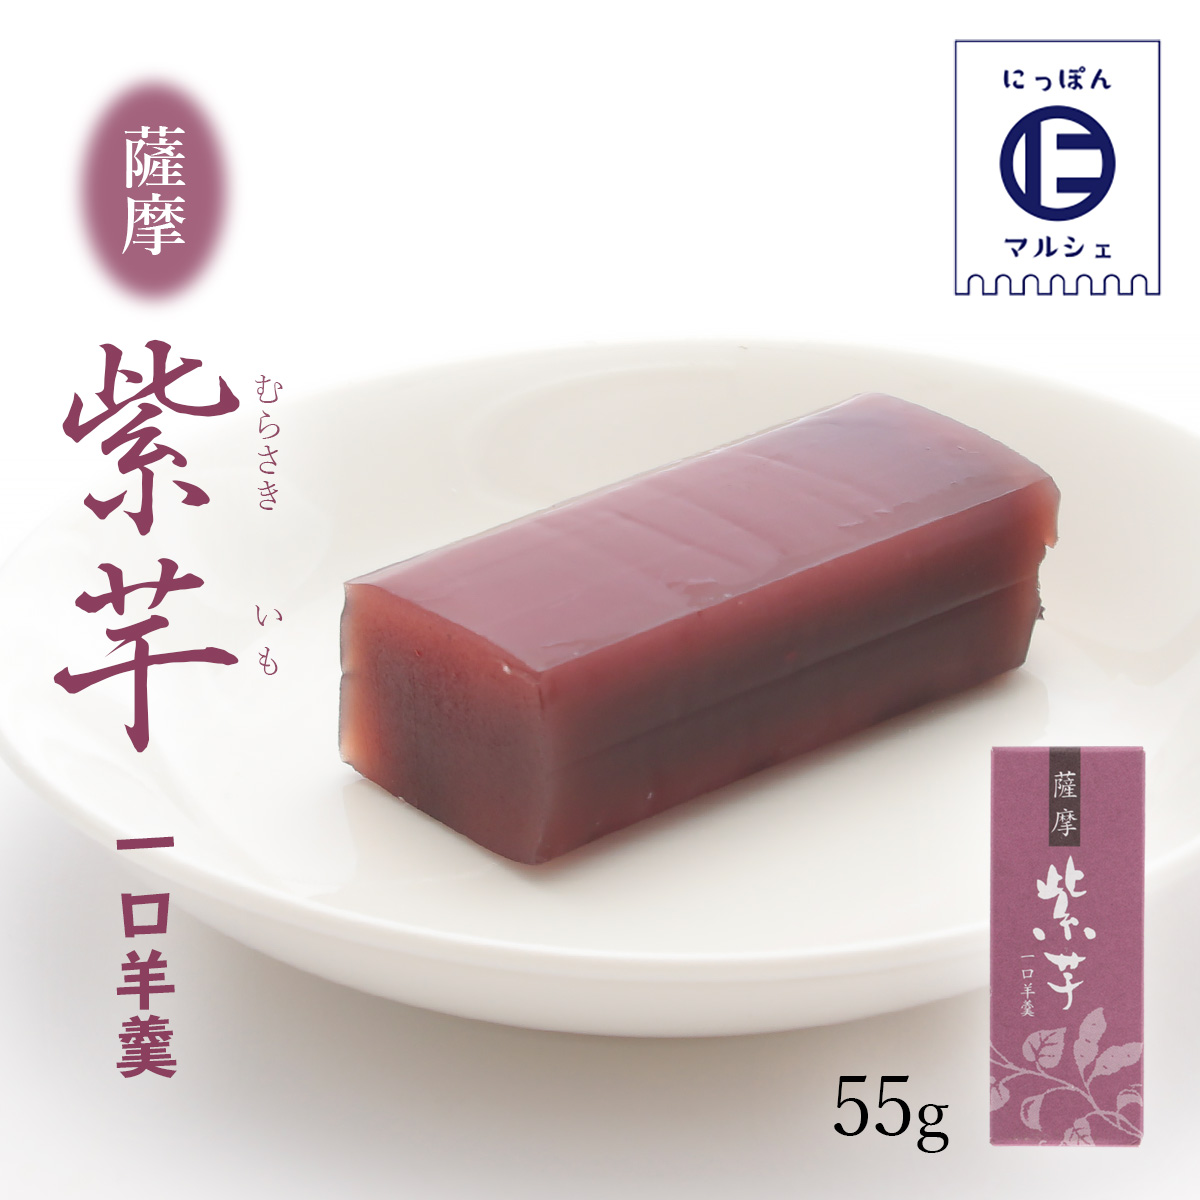 紫芋を使用した一口羊羹 与え 馬場製菓 ようかん スピード対応 全国送料無料 薩摩 紫芋 一口羊羹 羊羹 屋久島 土産 一口 55g